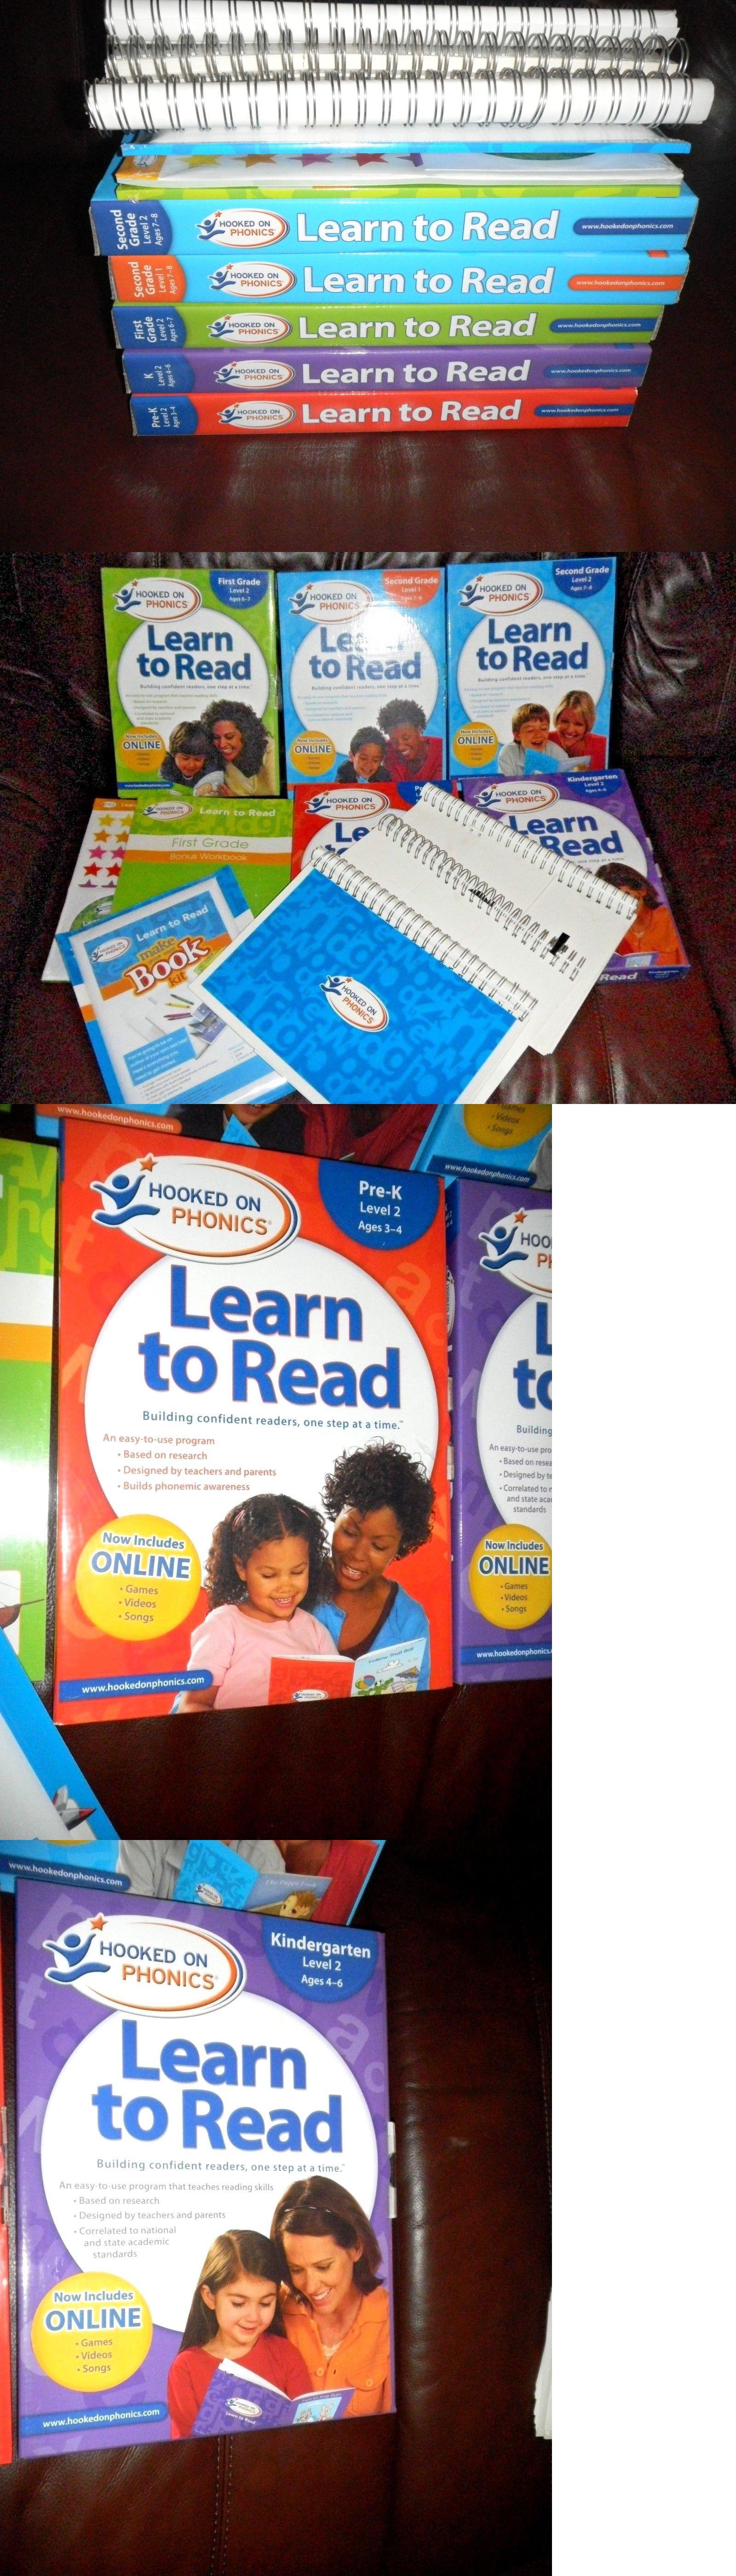 Elementary School 102956 Hooked On Phonics Learn To Read Pre K K